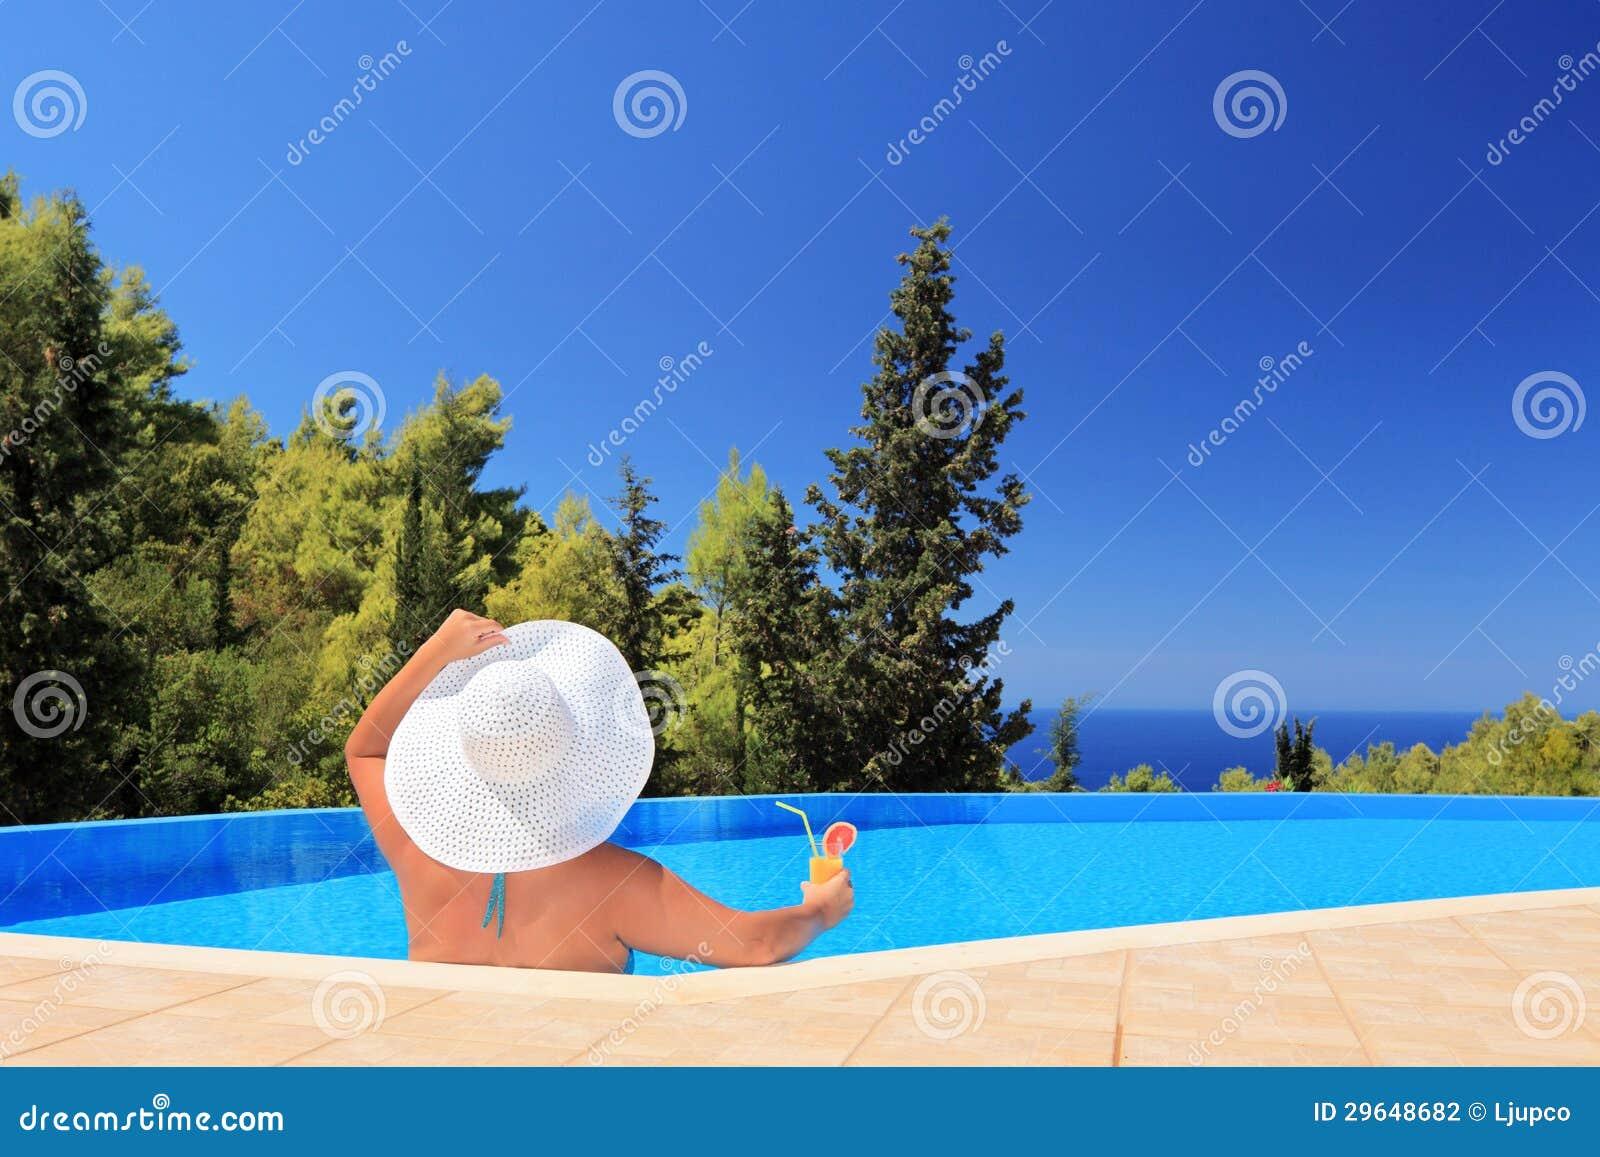 Μια γυναίκα που χαλαρώνει σε μια πισίνα με το κοκτέιλ